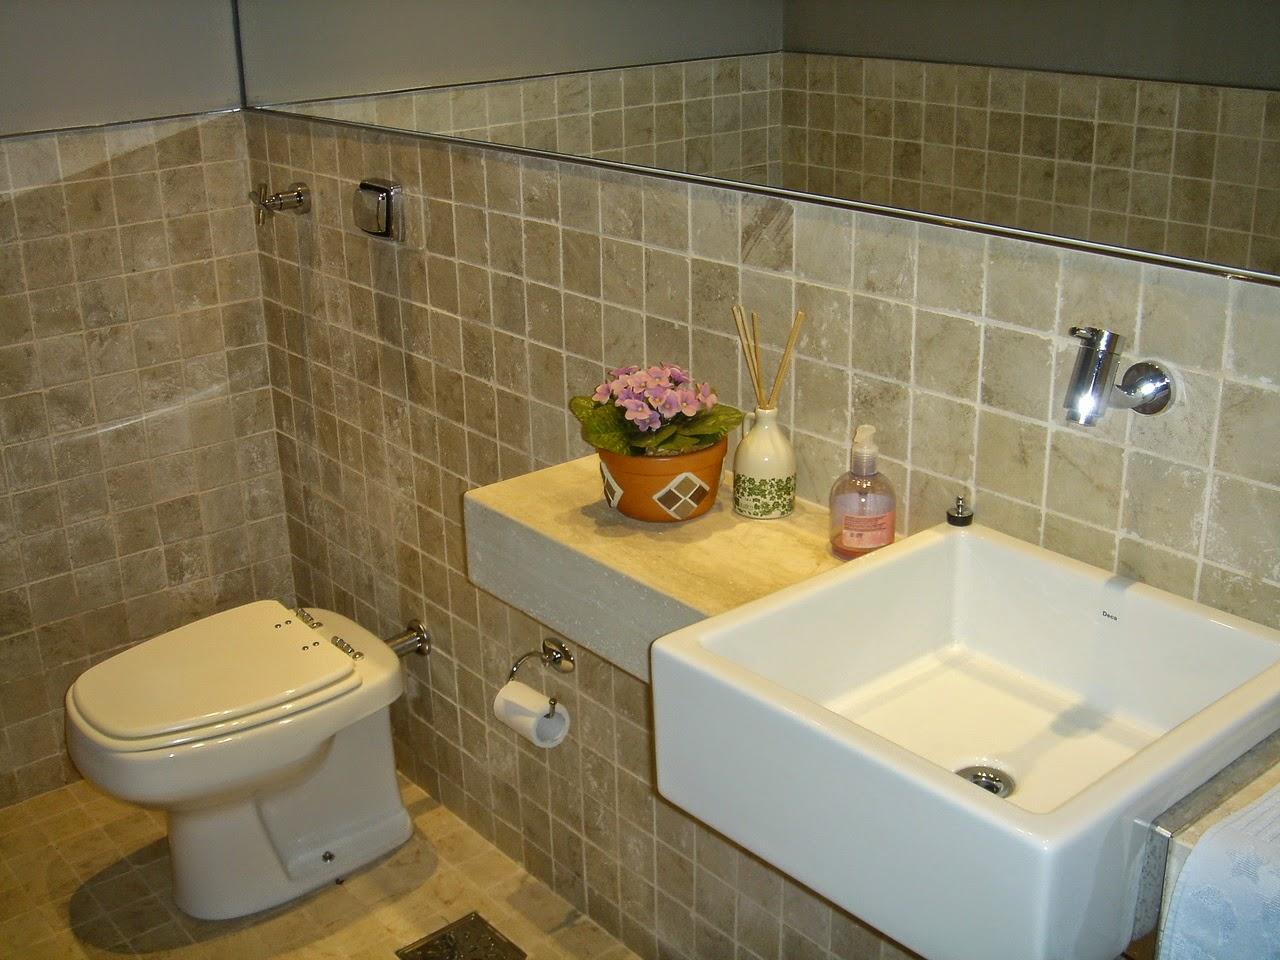 Teia Design Cubas para Lavabos, Banheiros com dicas da Teia Design -> Cuba Para Banheiro Incepa